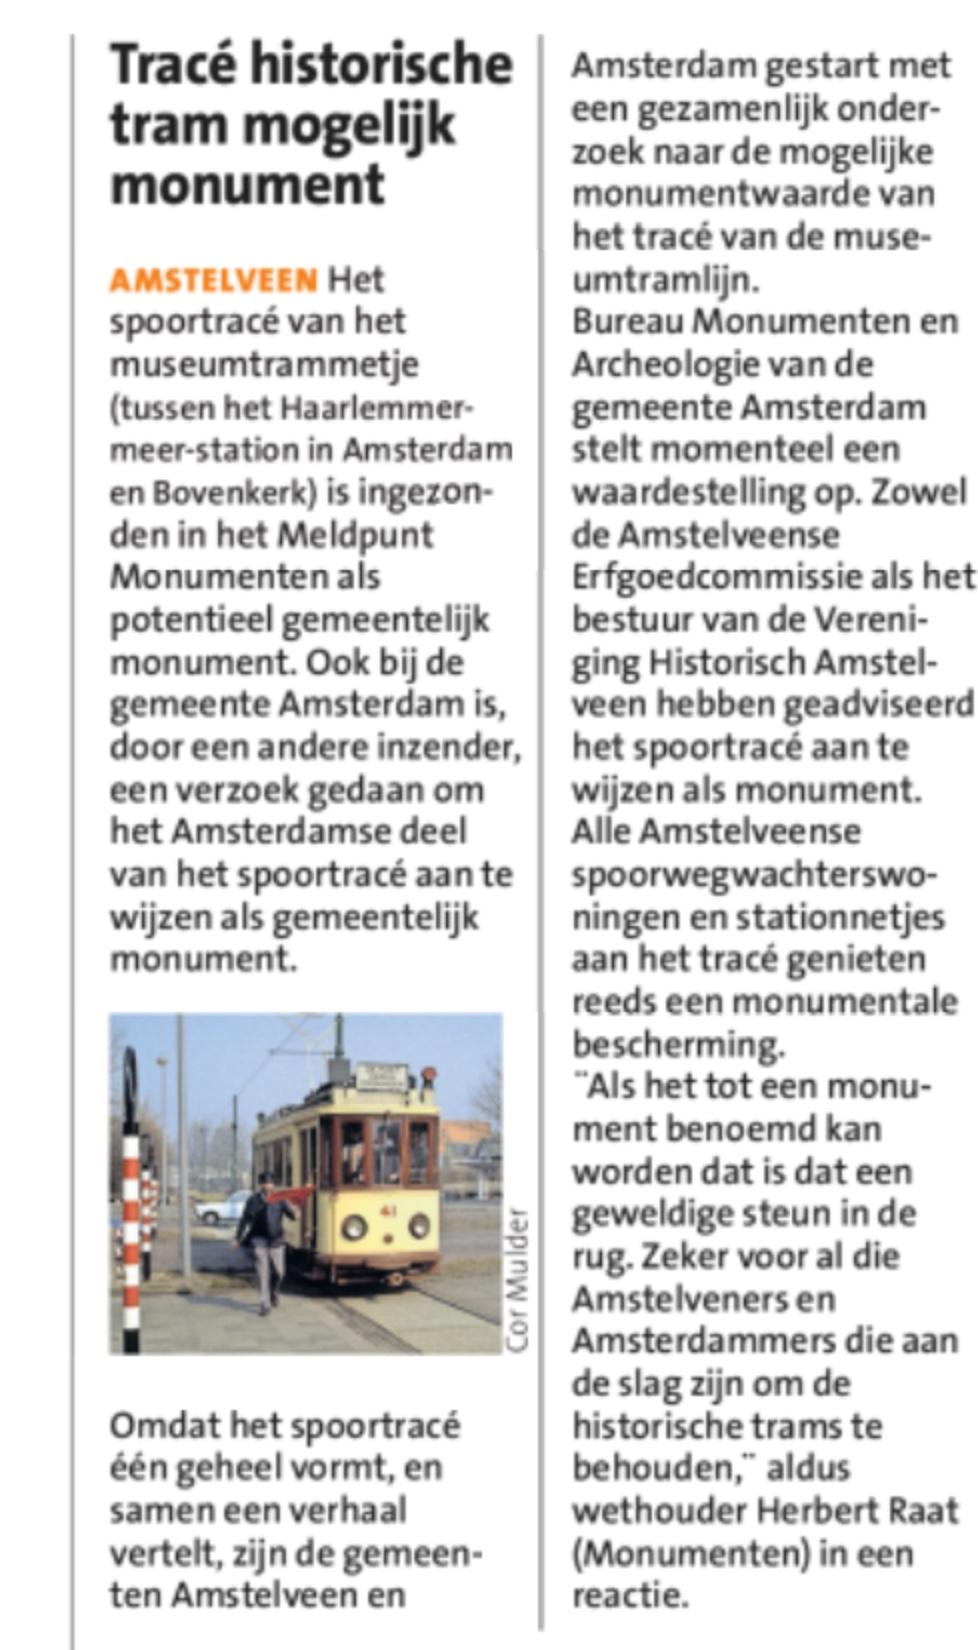 2019-20-3 Het Amstelveen Nieuwsblad; Herbert Raat over monumenten status historische elektrische tram